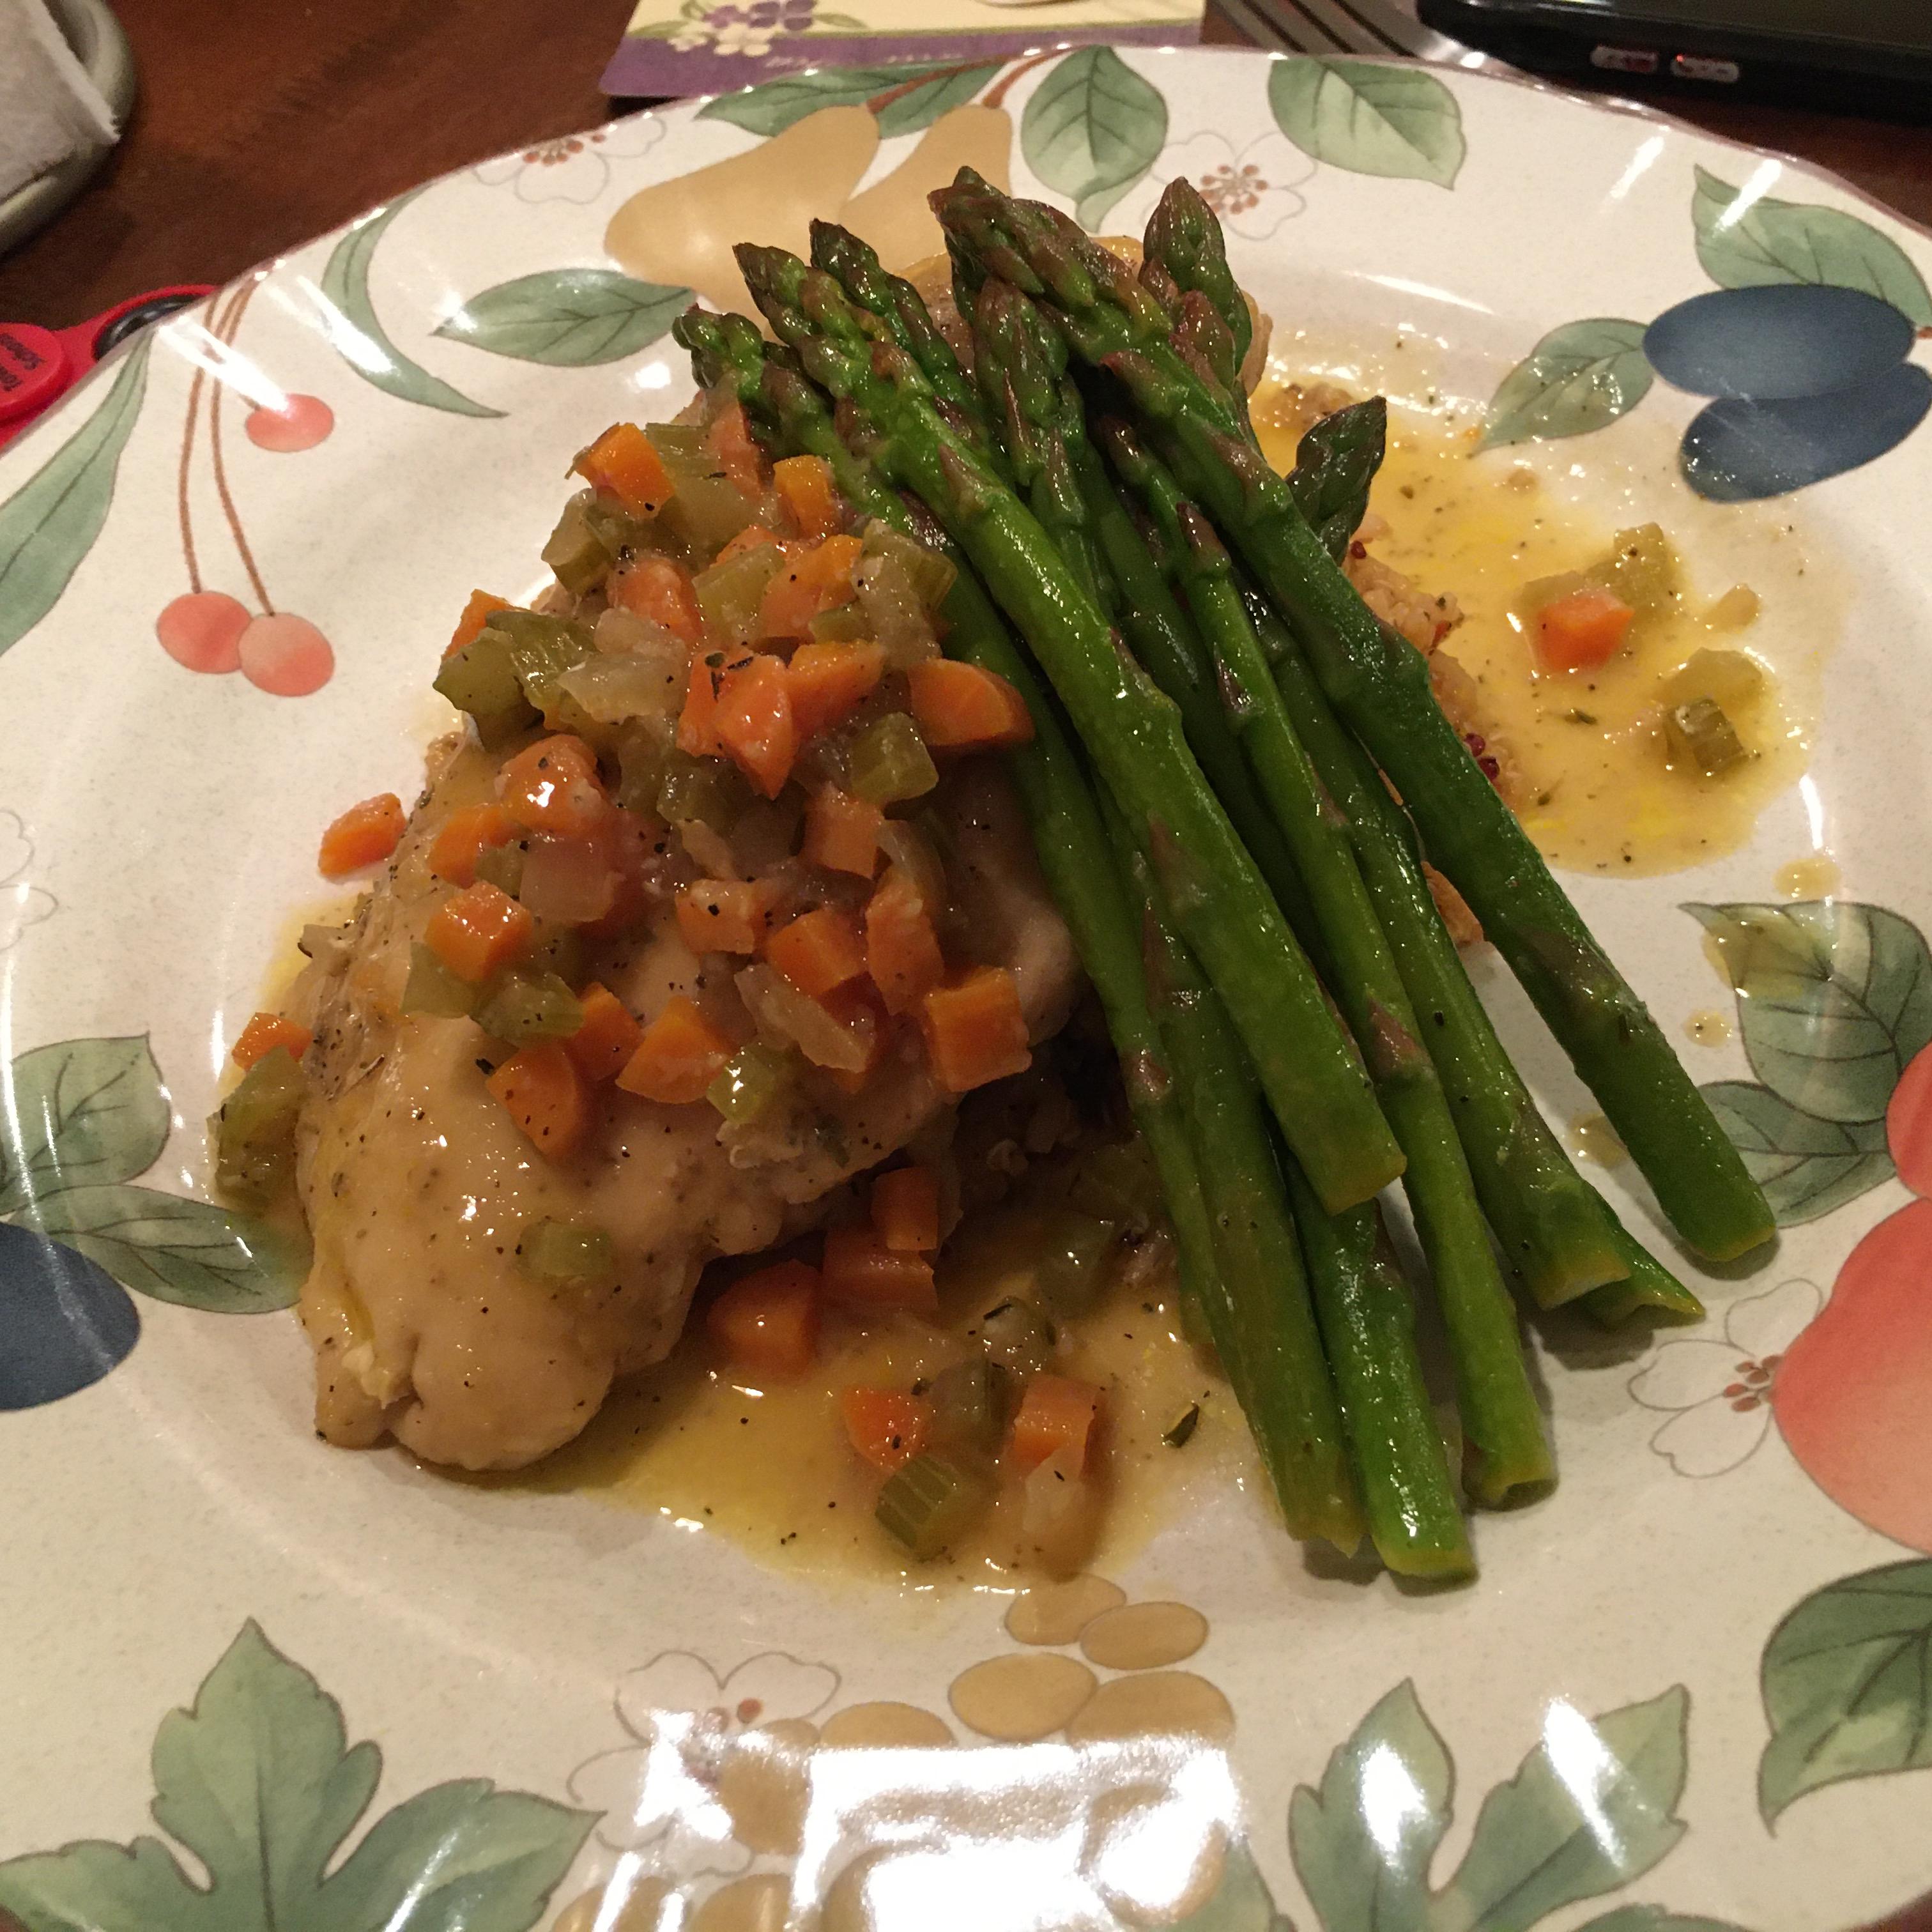 Braised Chicken Breasts in Tasty Mirepoix Ragout Bob Menz